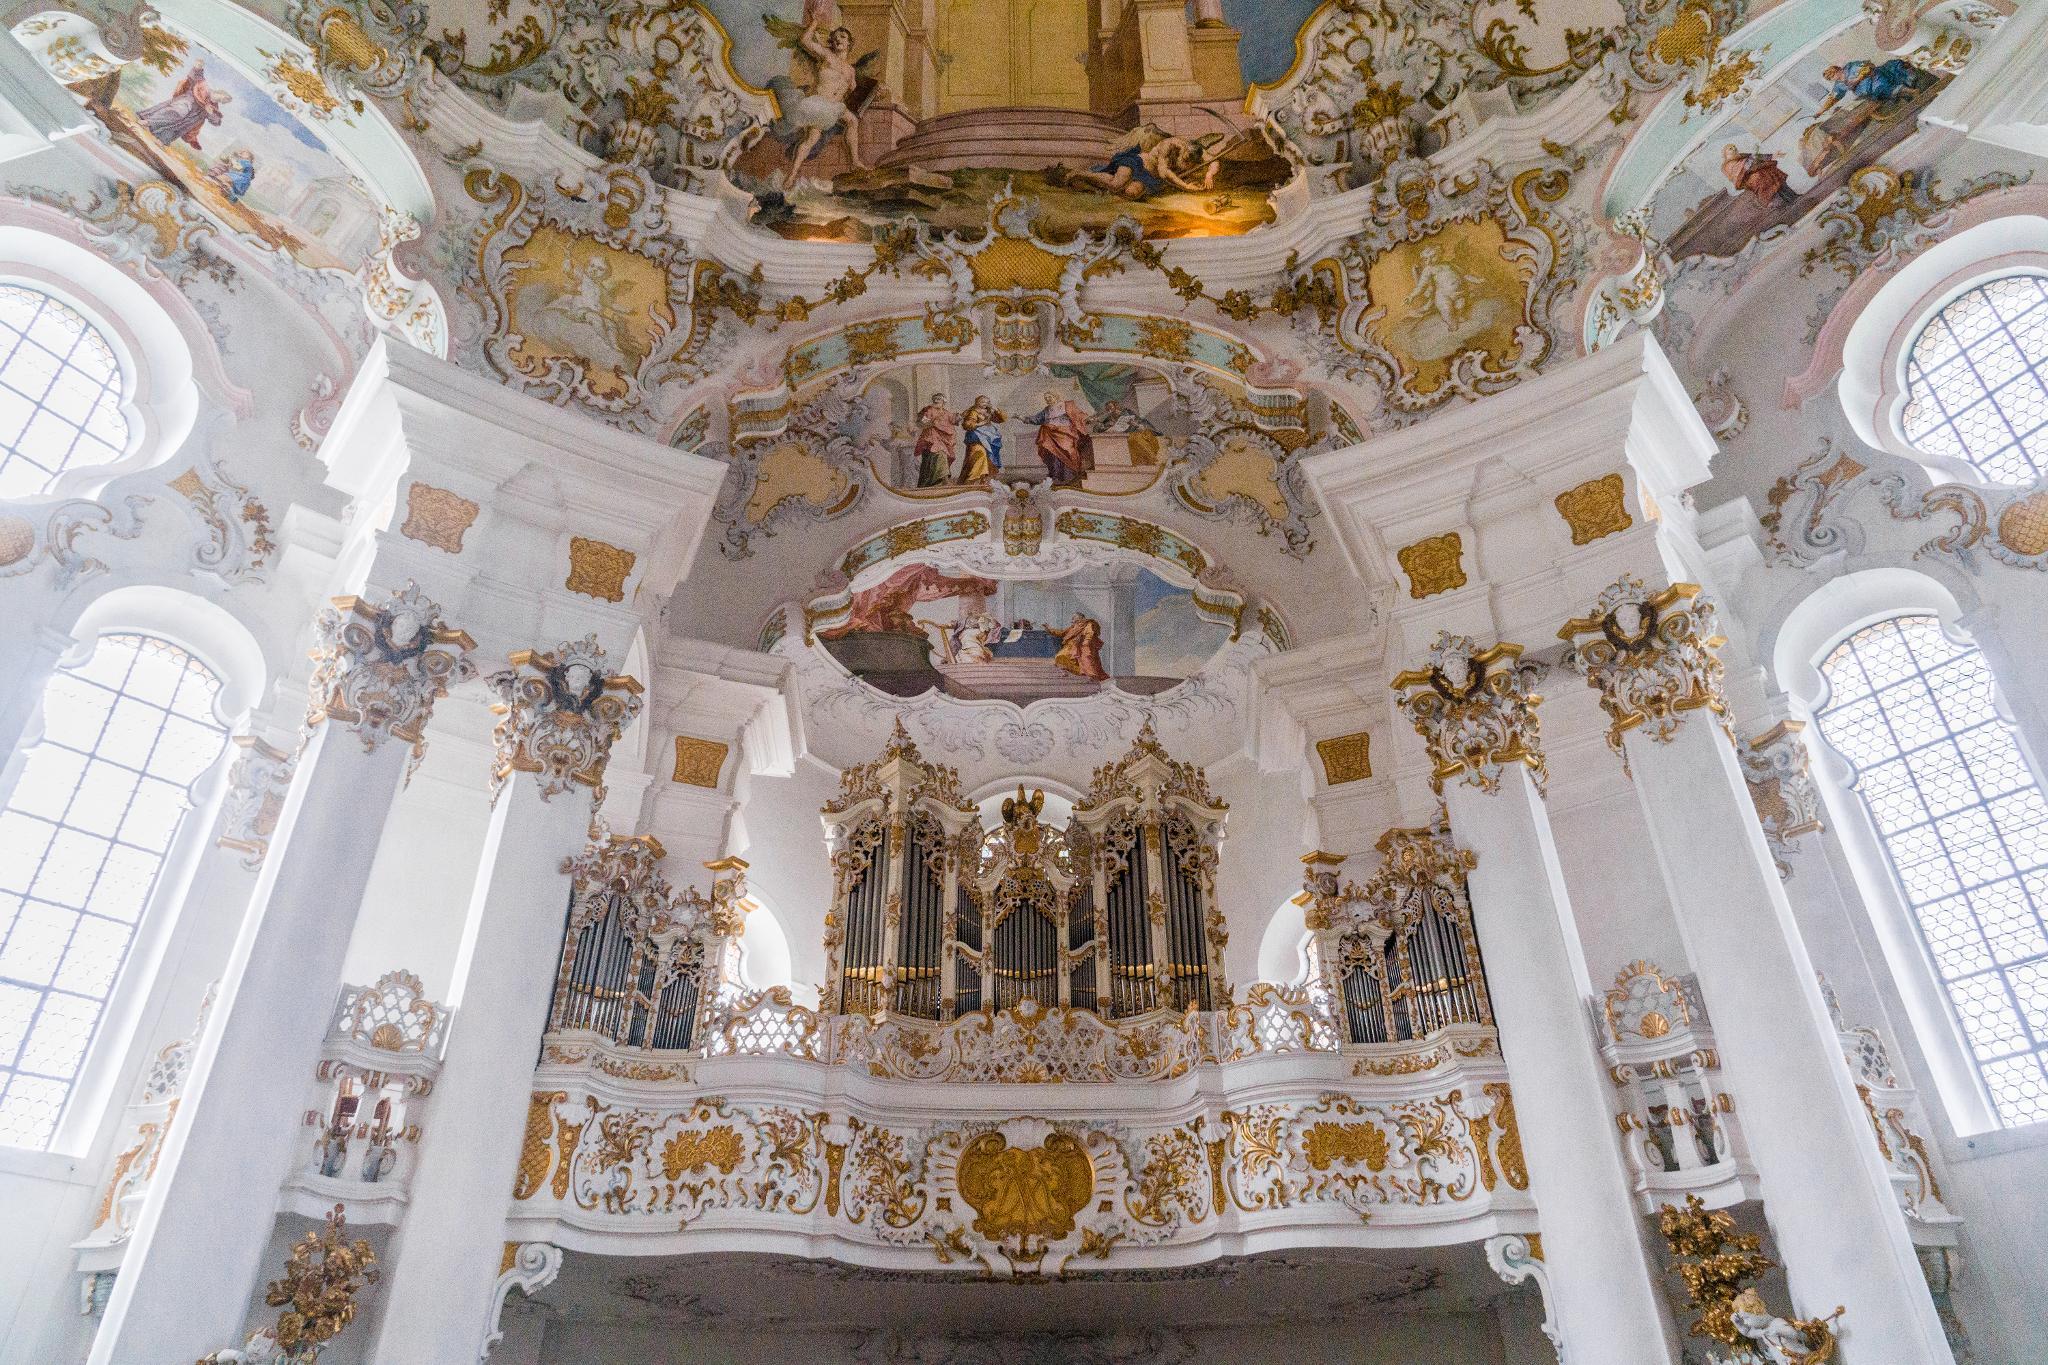 【德國】阿爾卑斯大道:維斯朝聖教堂 (Wieskirche) 21